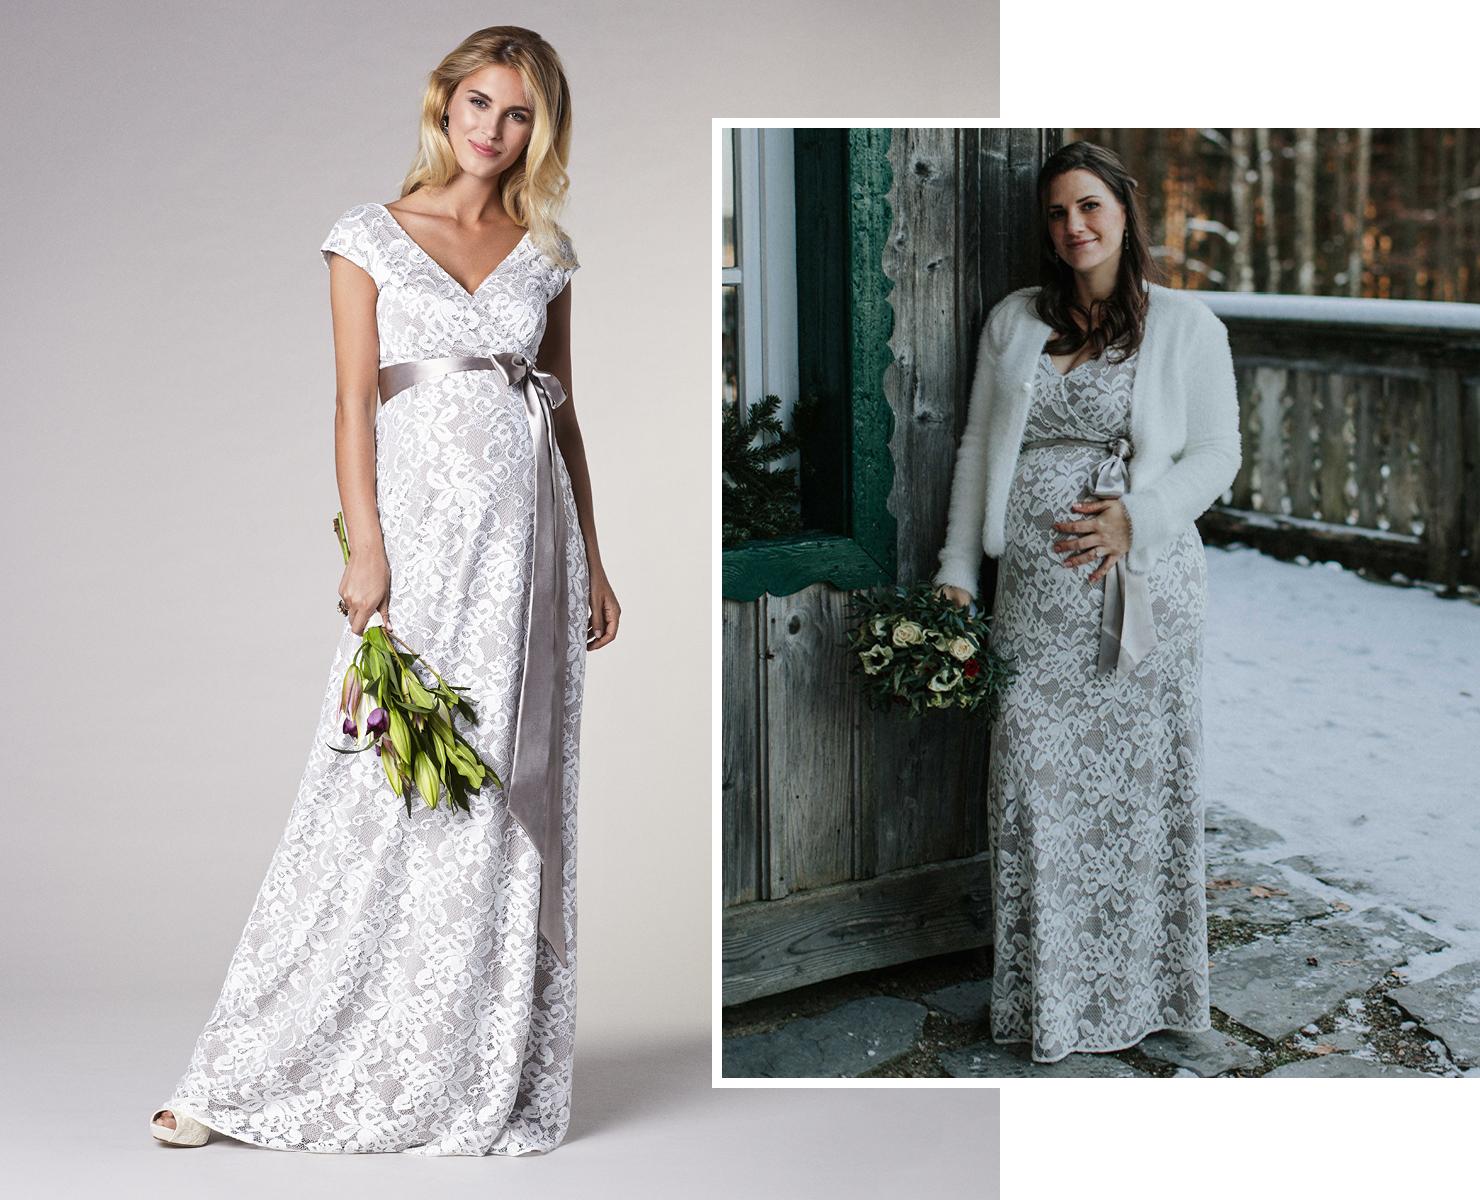 Katharina zeigt ihr Umstandsbrautkleid und ihre Hochzeit mit Babybauch